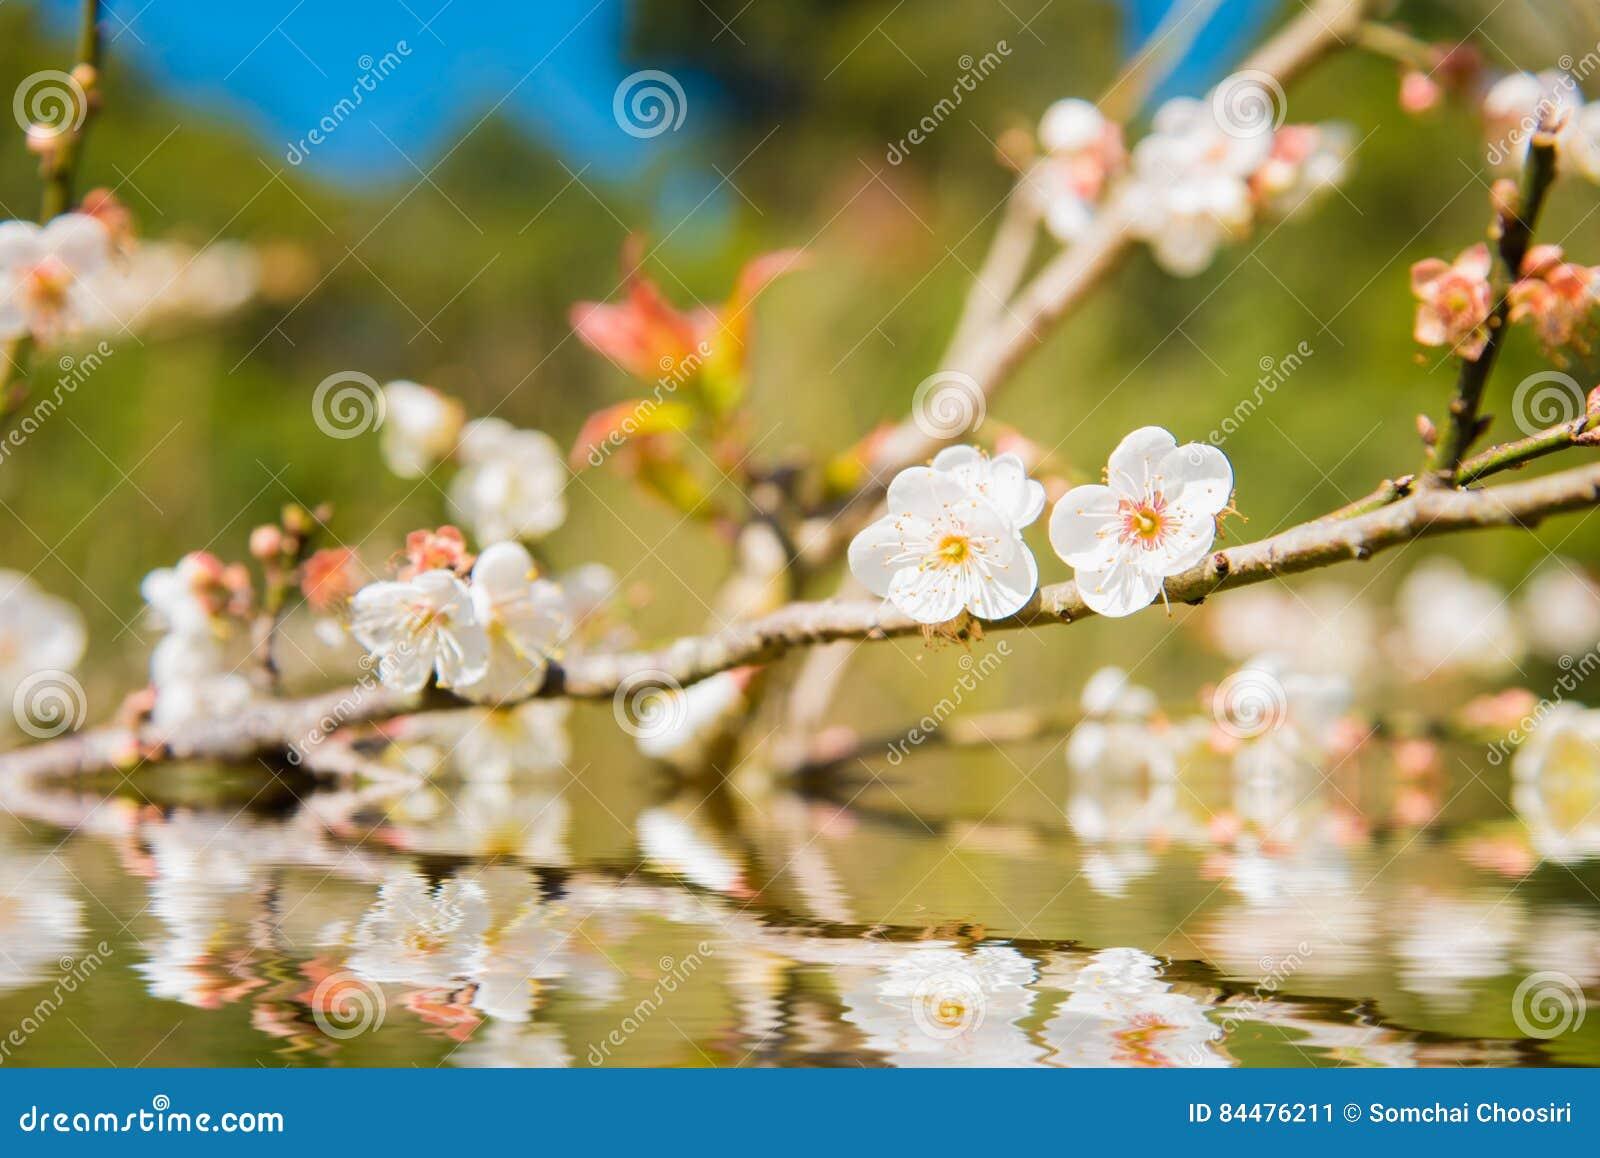 Fleur Blanche De Fleur De Peche Image Stock Image Du Chinois